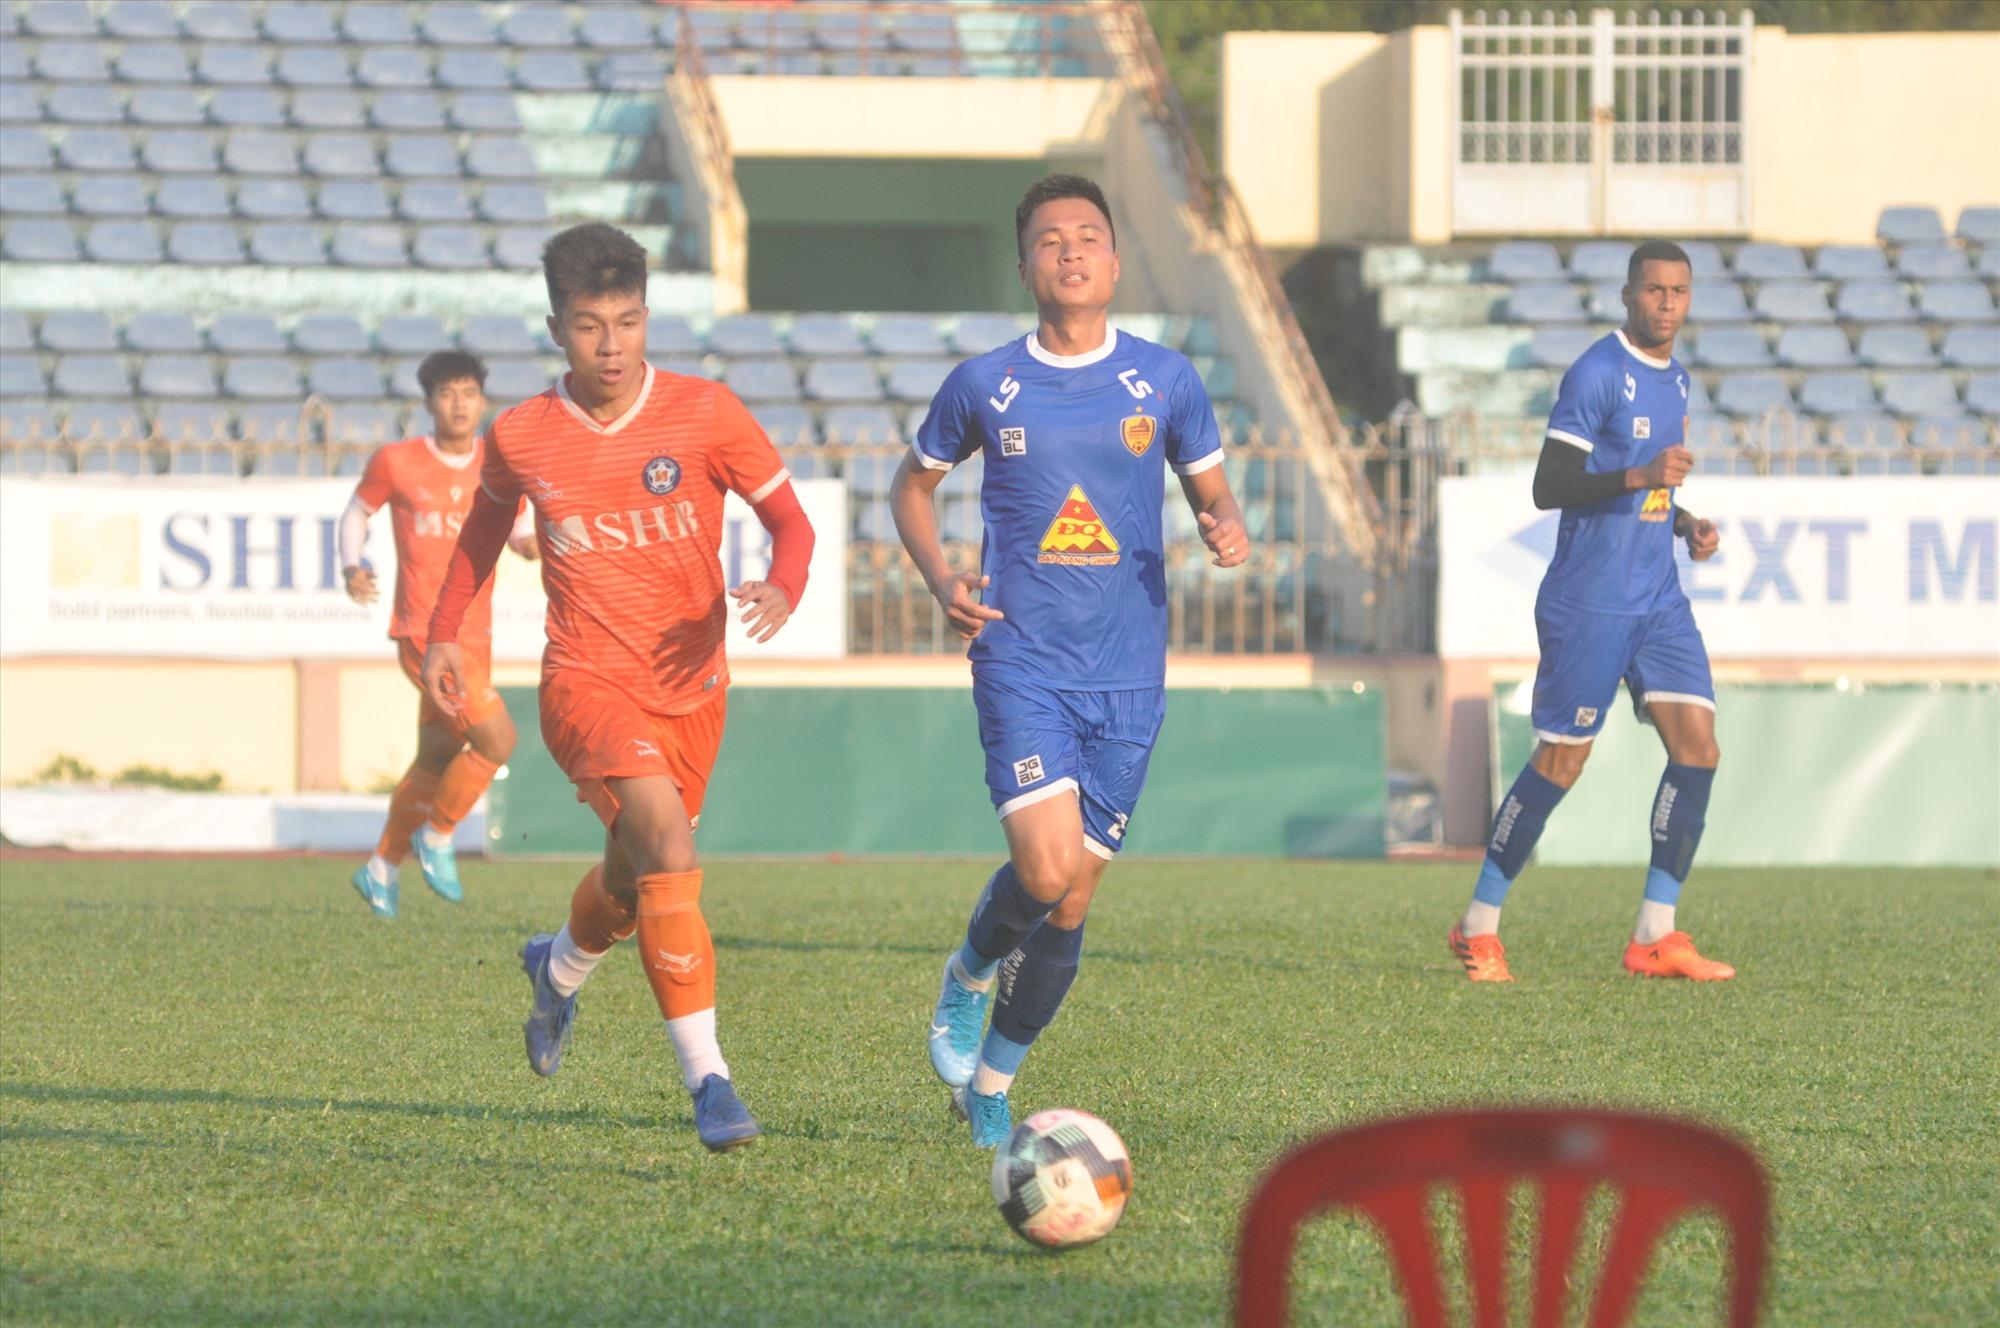 Một trận đấu tập huấn chuẩn bị cho mùa giải mới 2020 giữa Quảng Nam và SHB Đà Nẵng. Ảnh: T.V